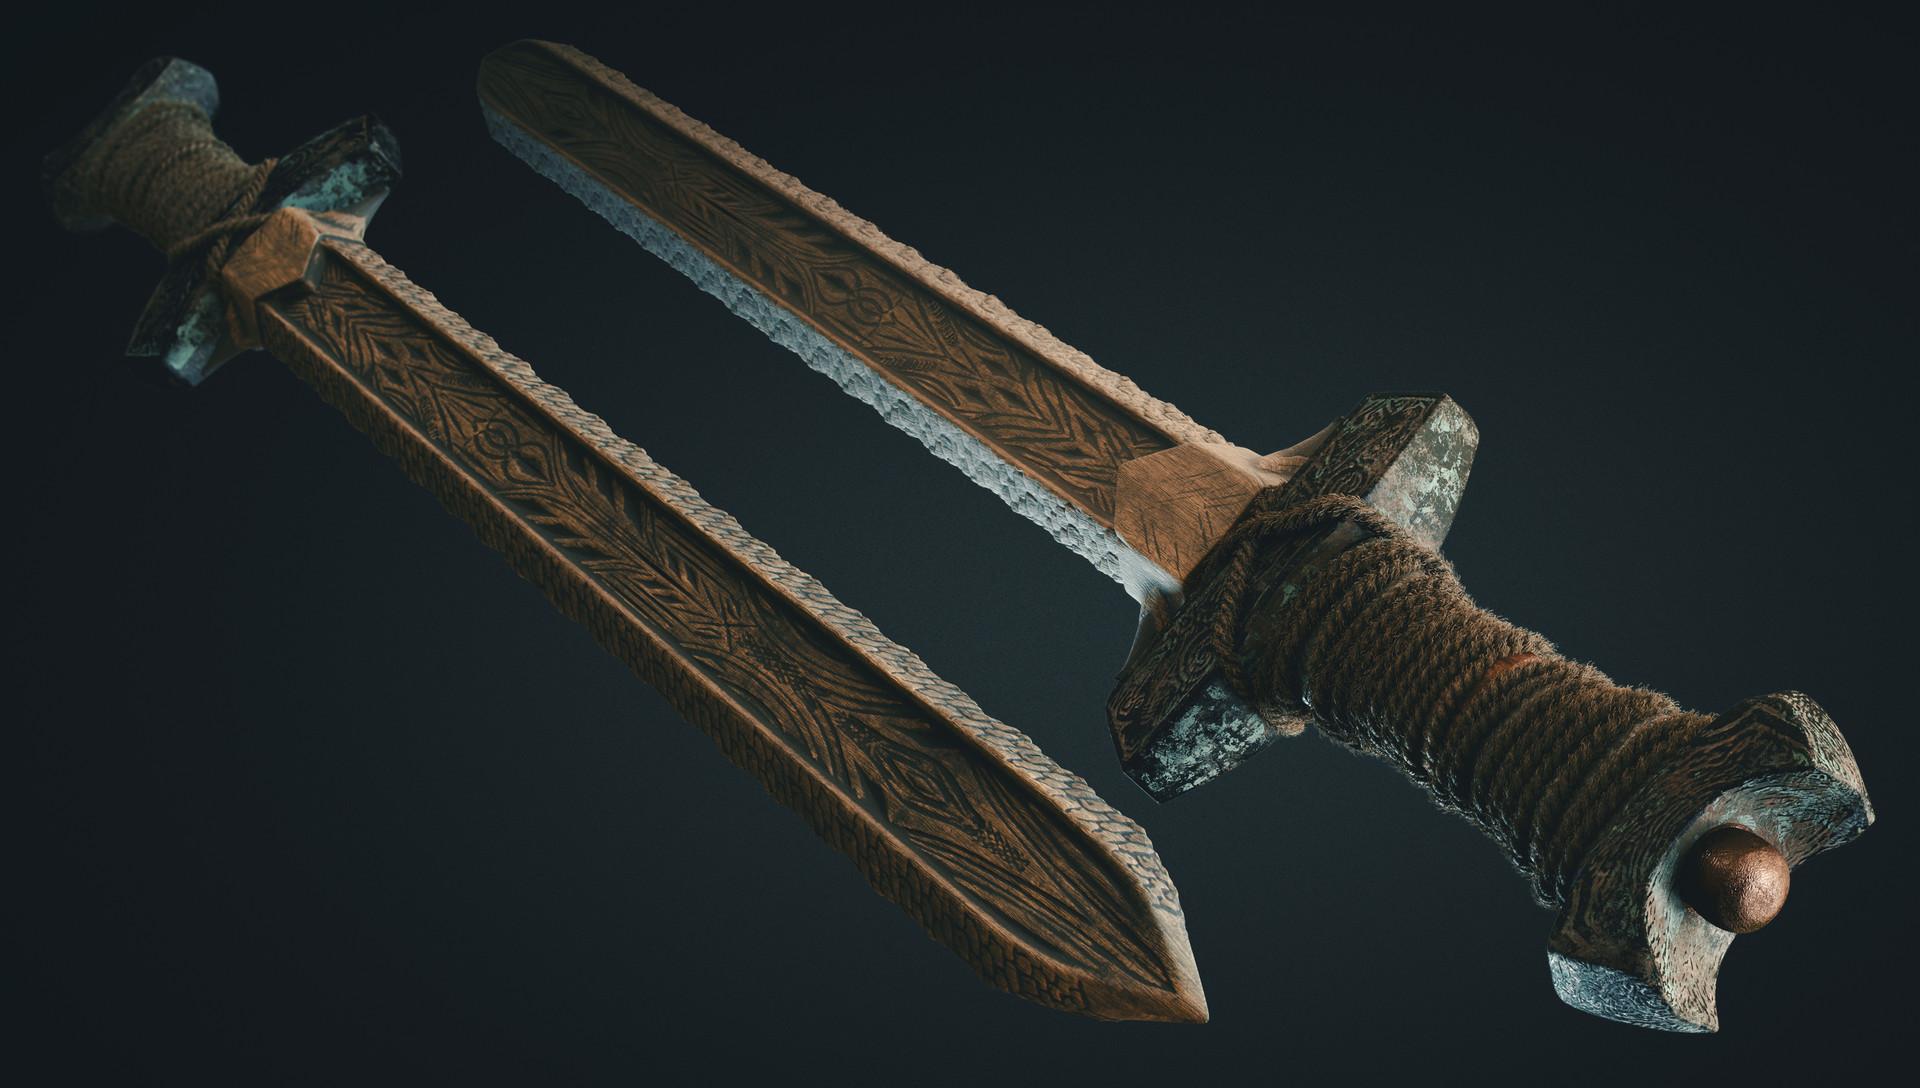 Vinicius favero sword